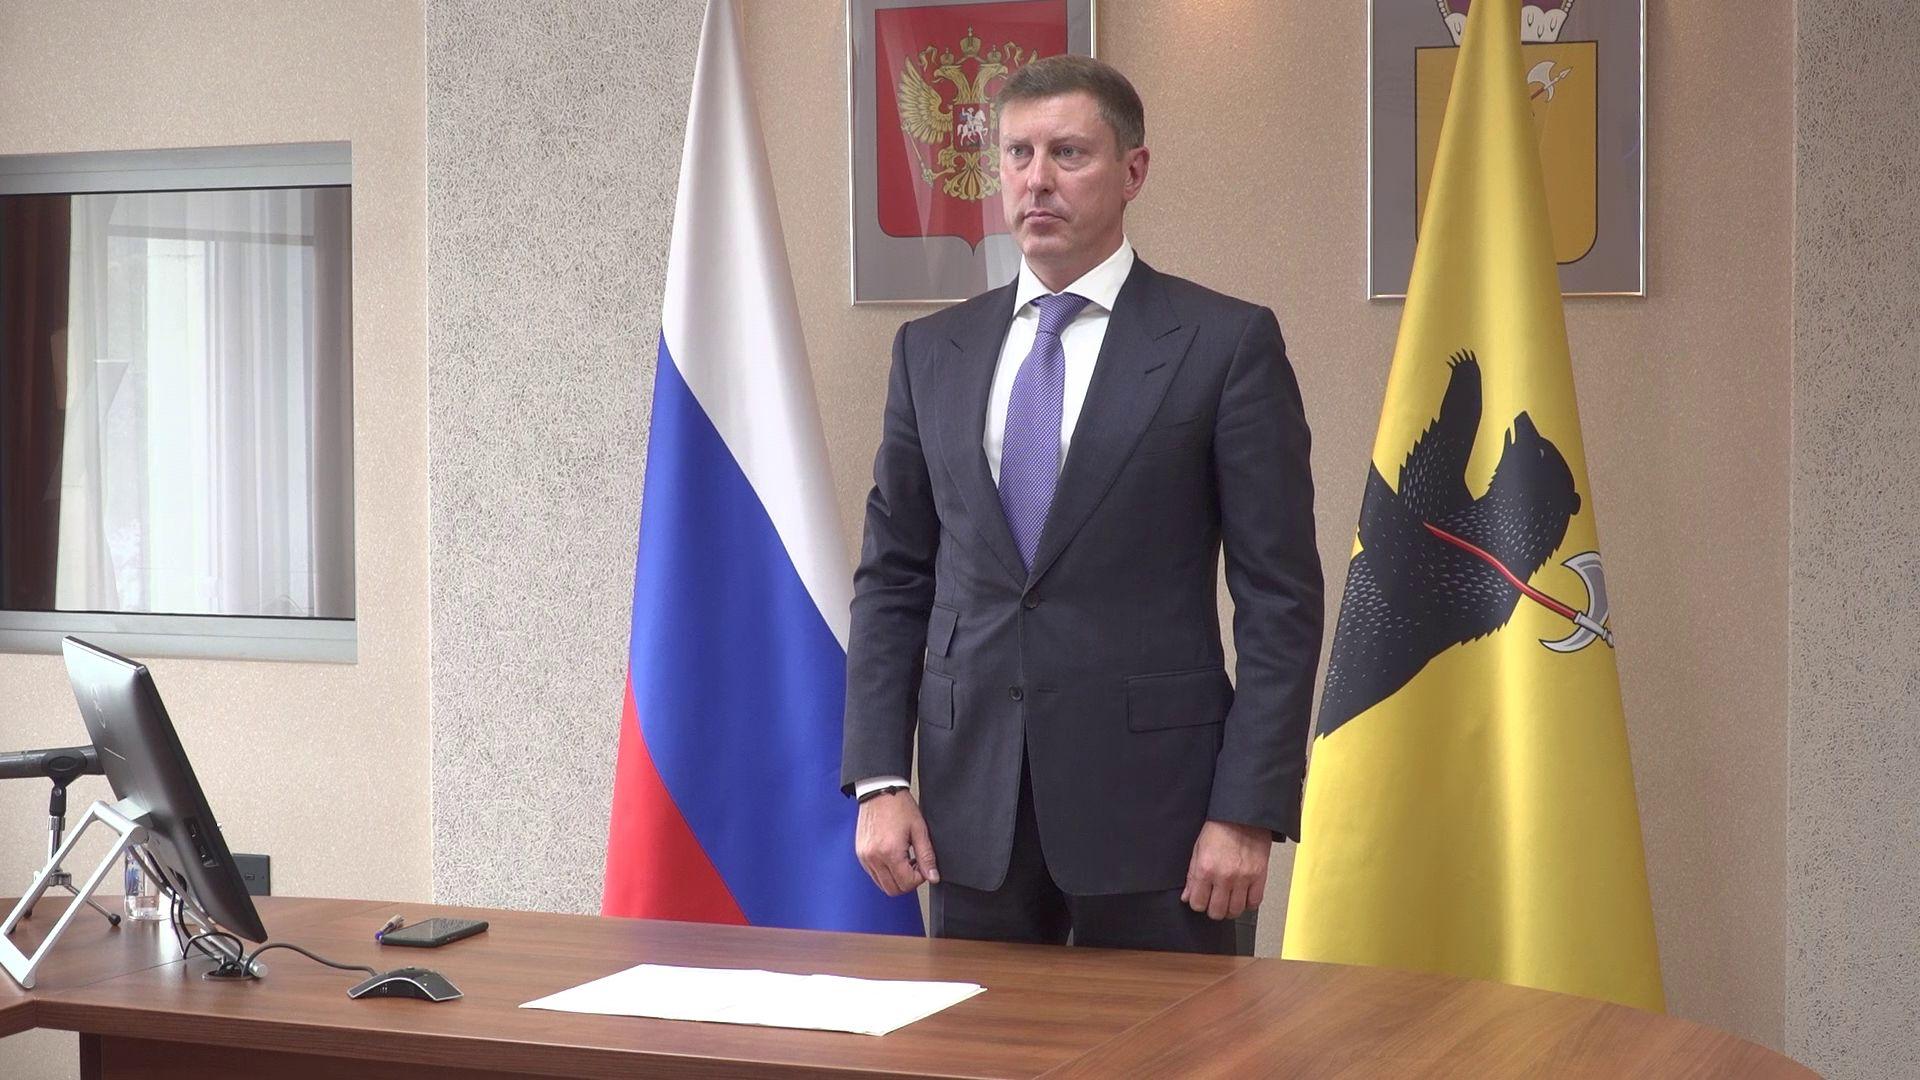 В правительстве Ярославской области обсудили качество продуктов и подготовку к новому учебному году